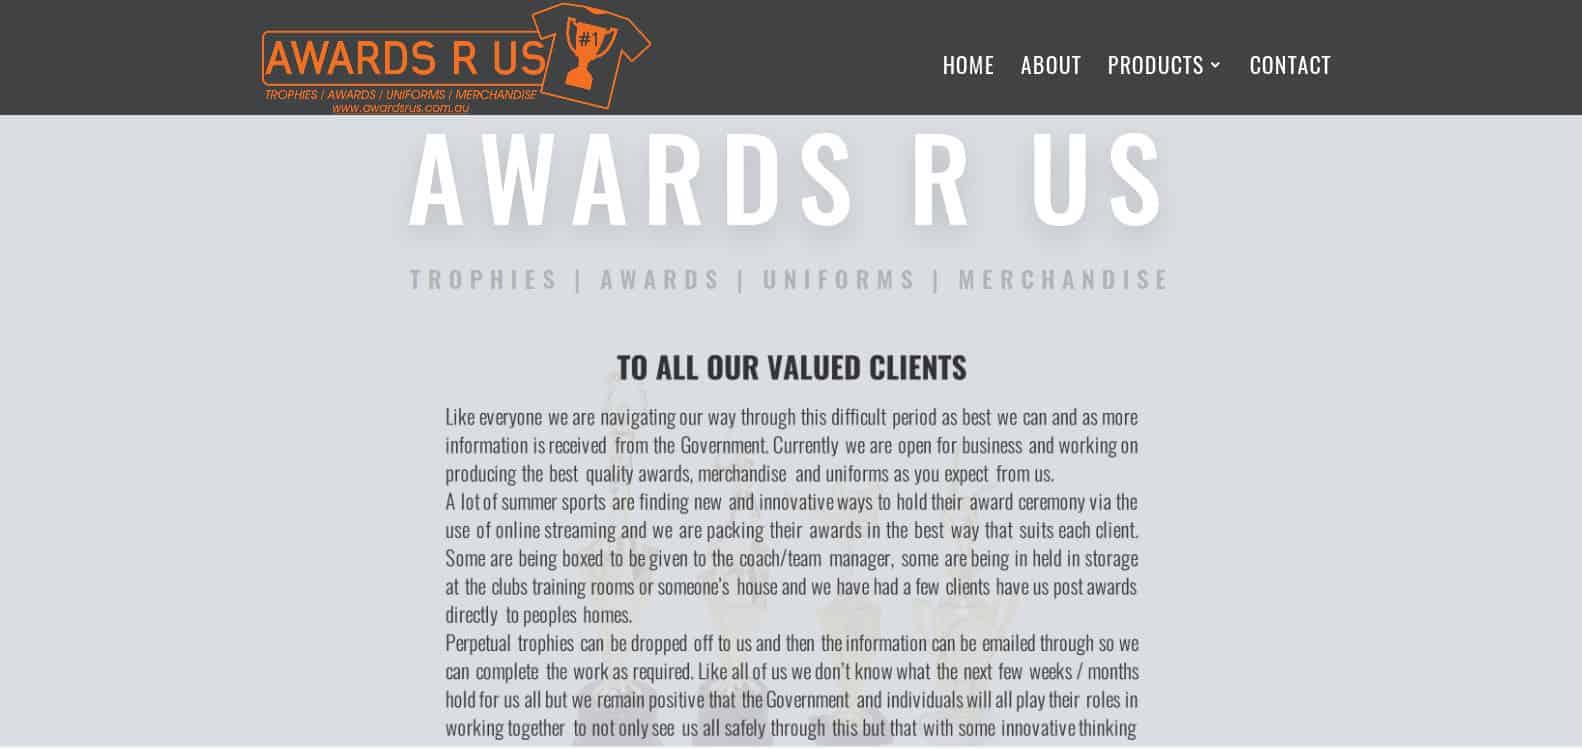 awards r us